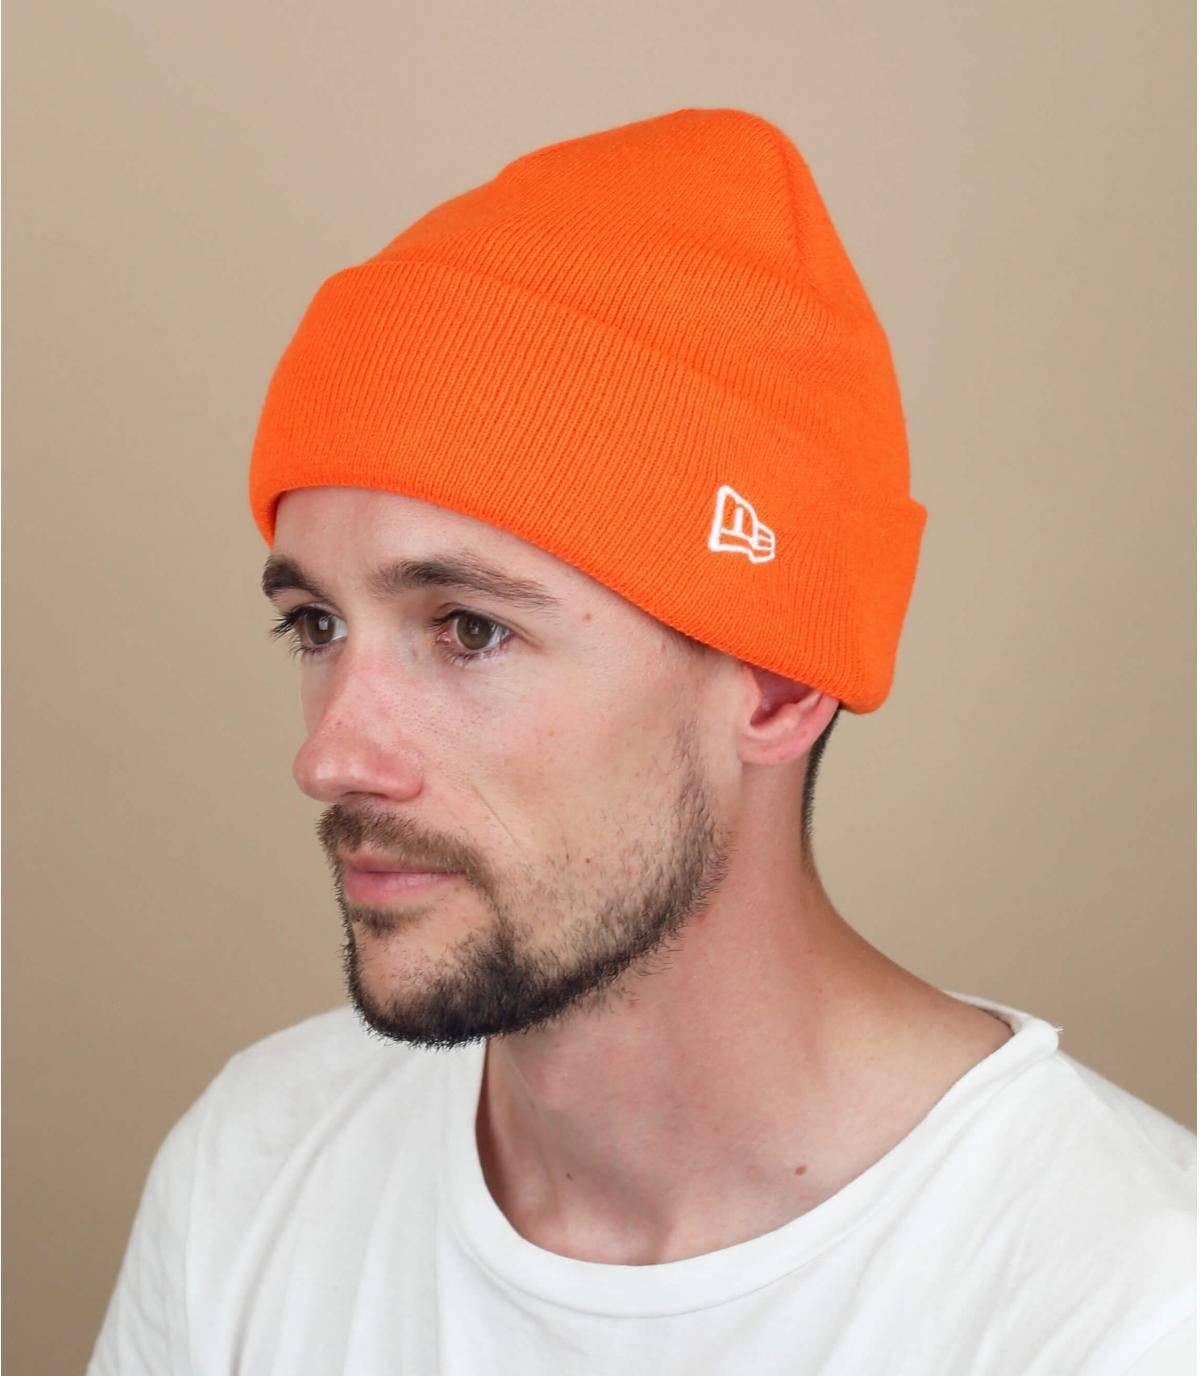 bonnet New Era orange